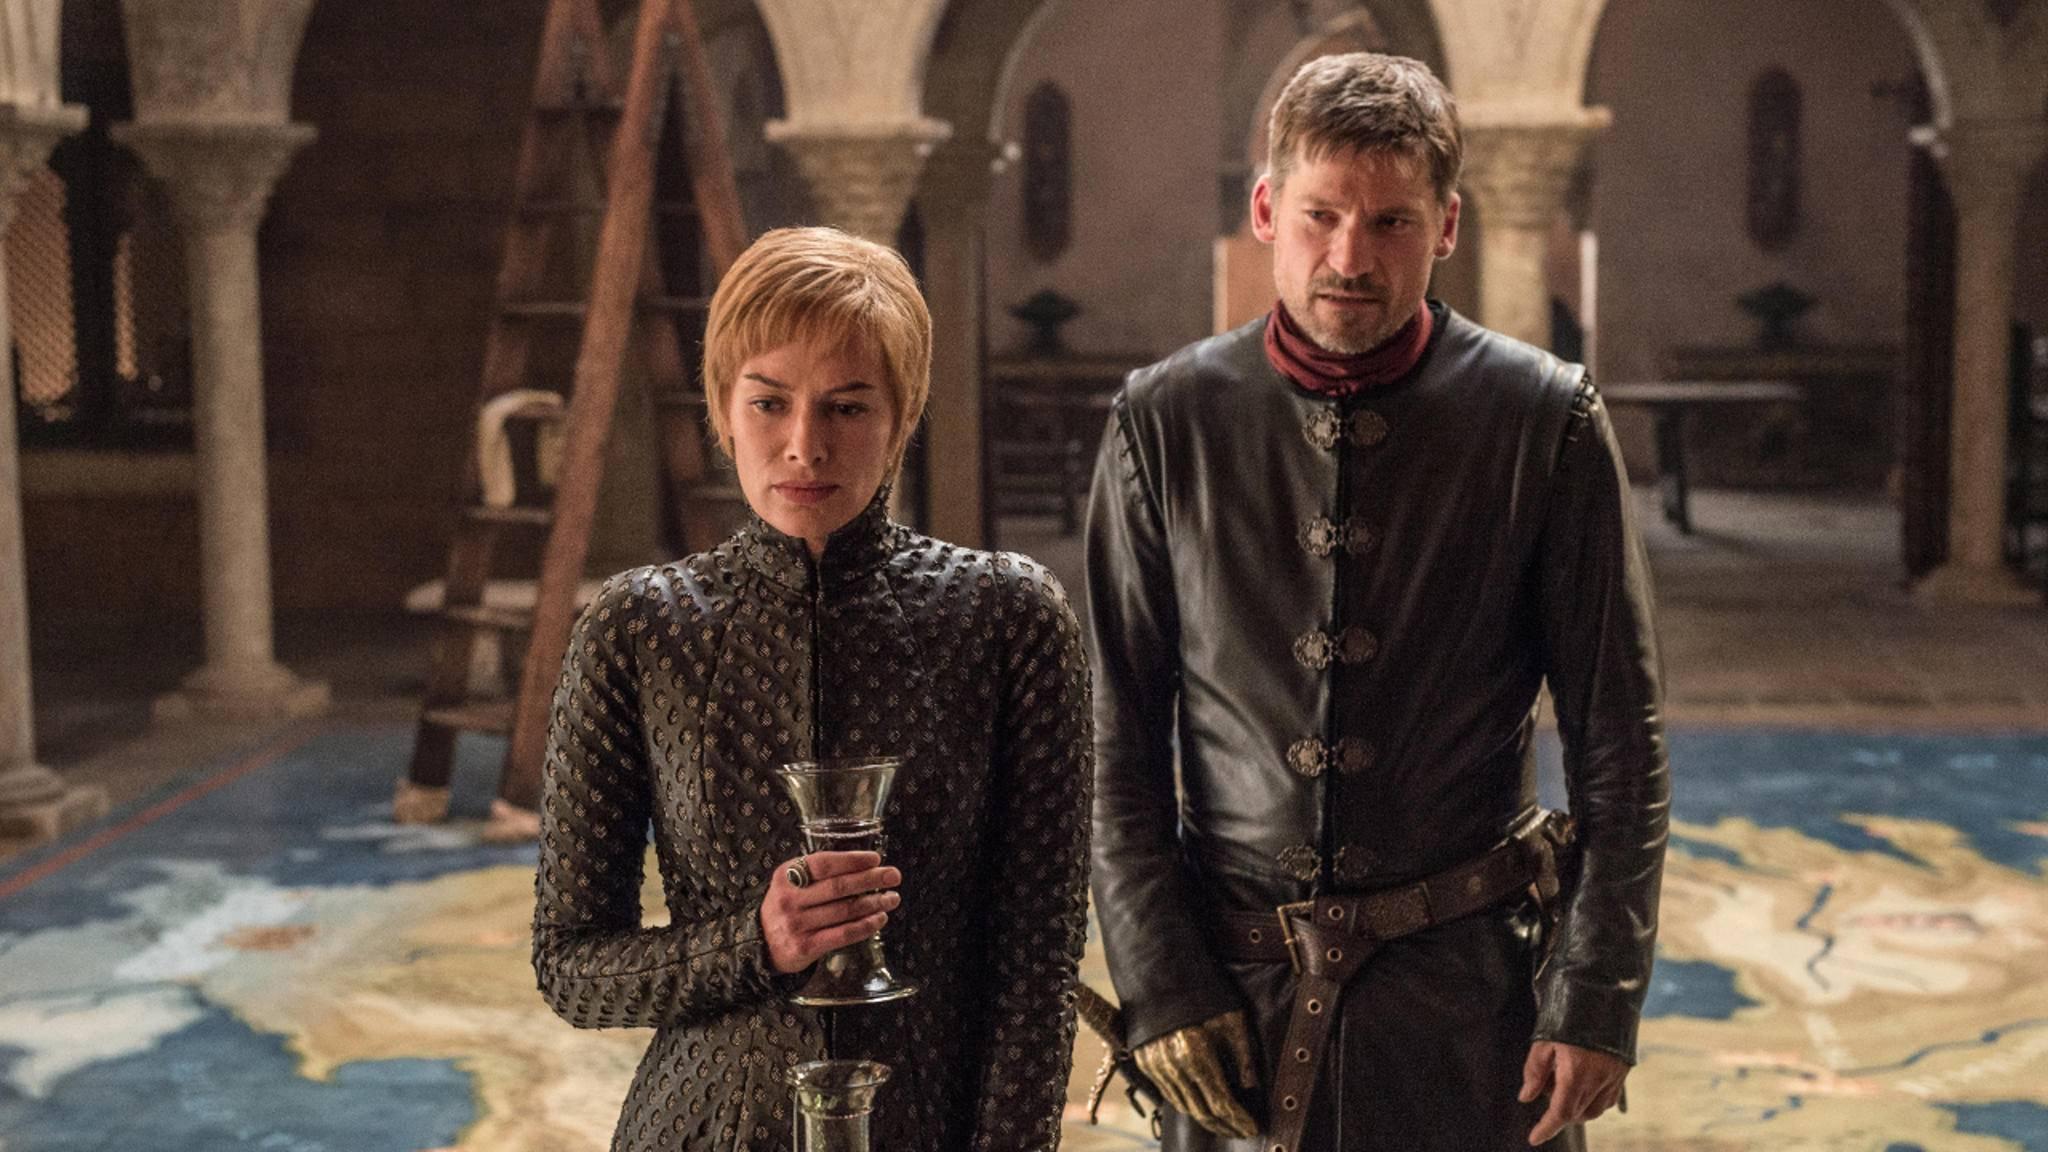 Ein Reddit-User ist sich sicher: Cersei Lannister erwartet ein grausamer Tod!